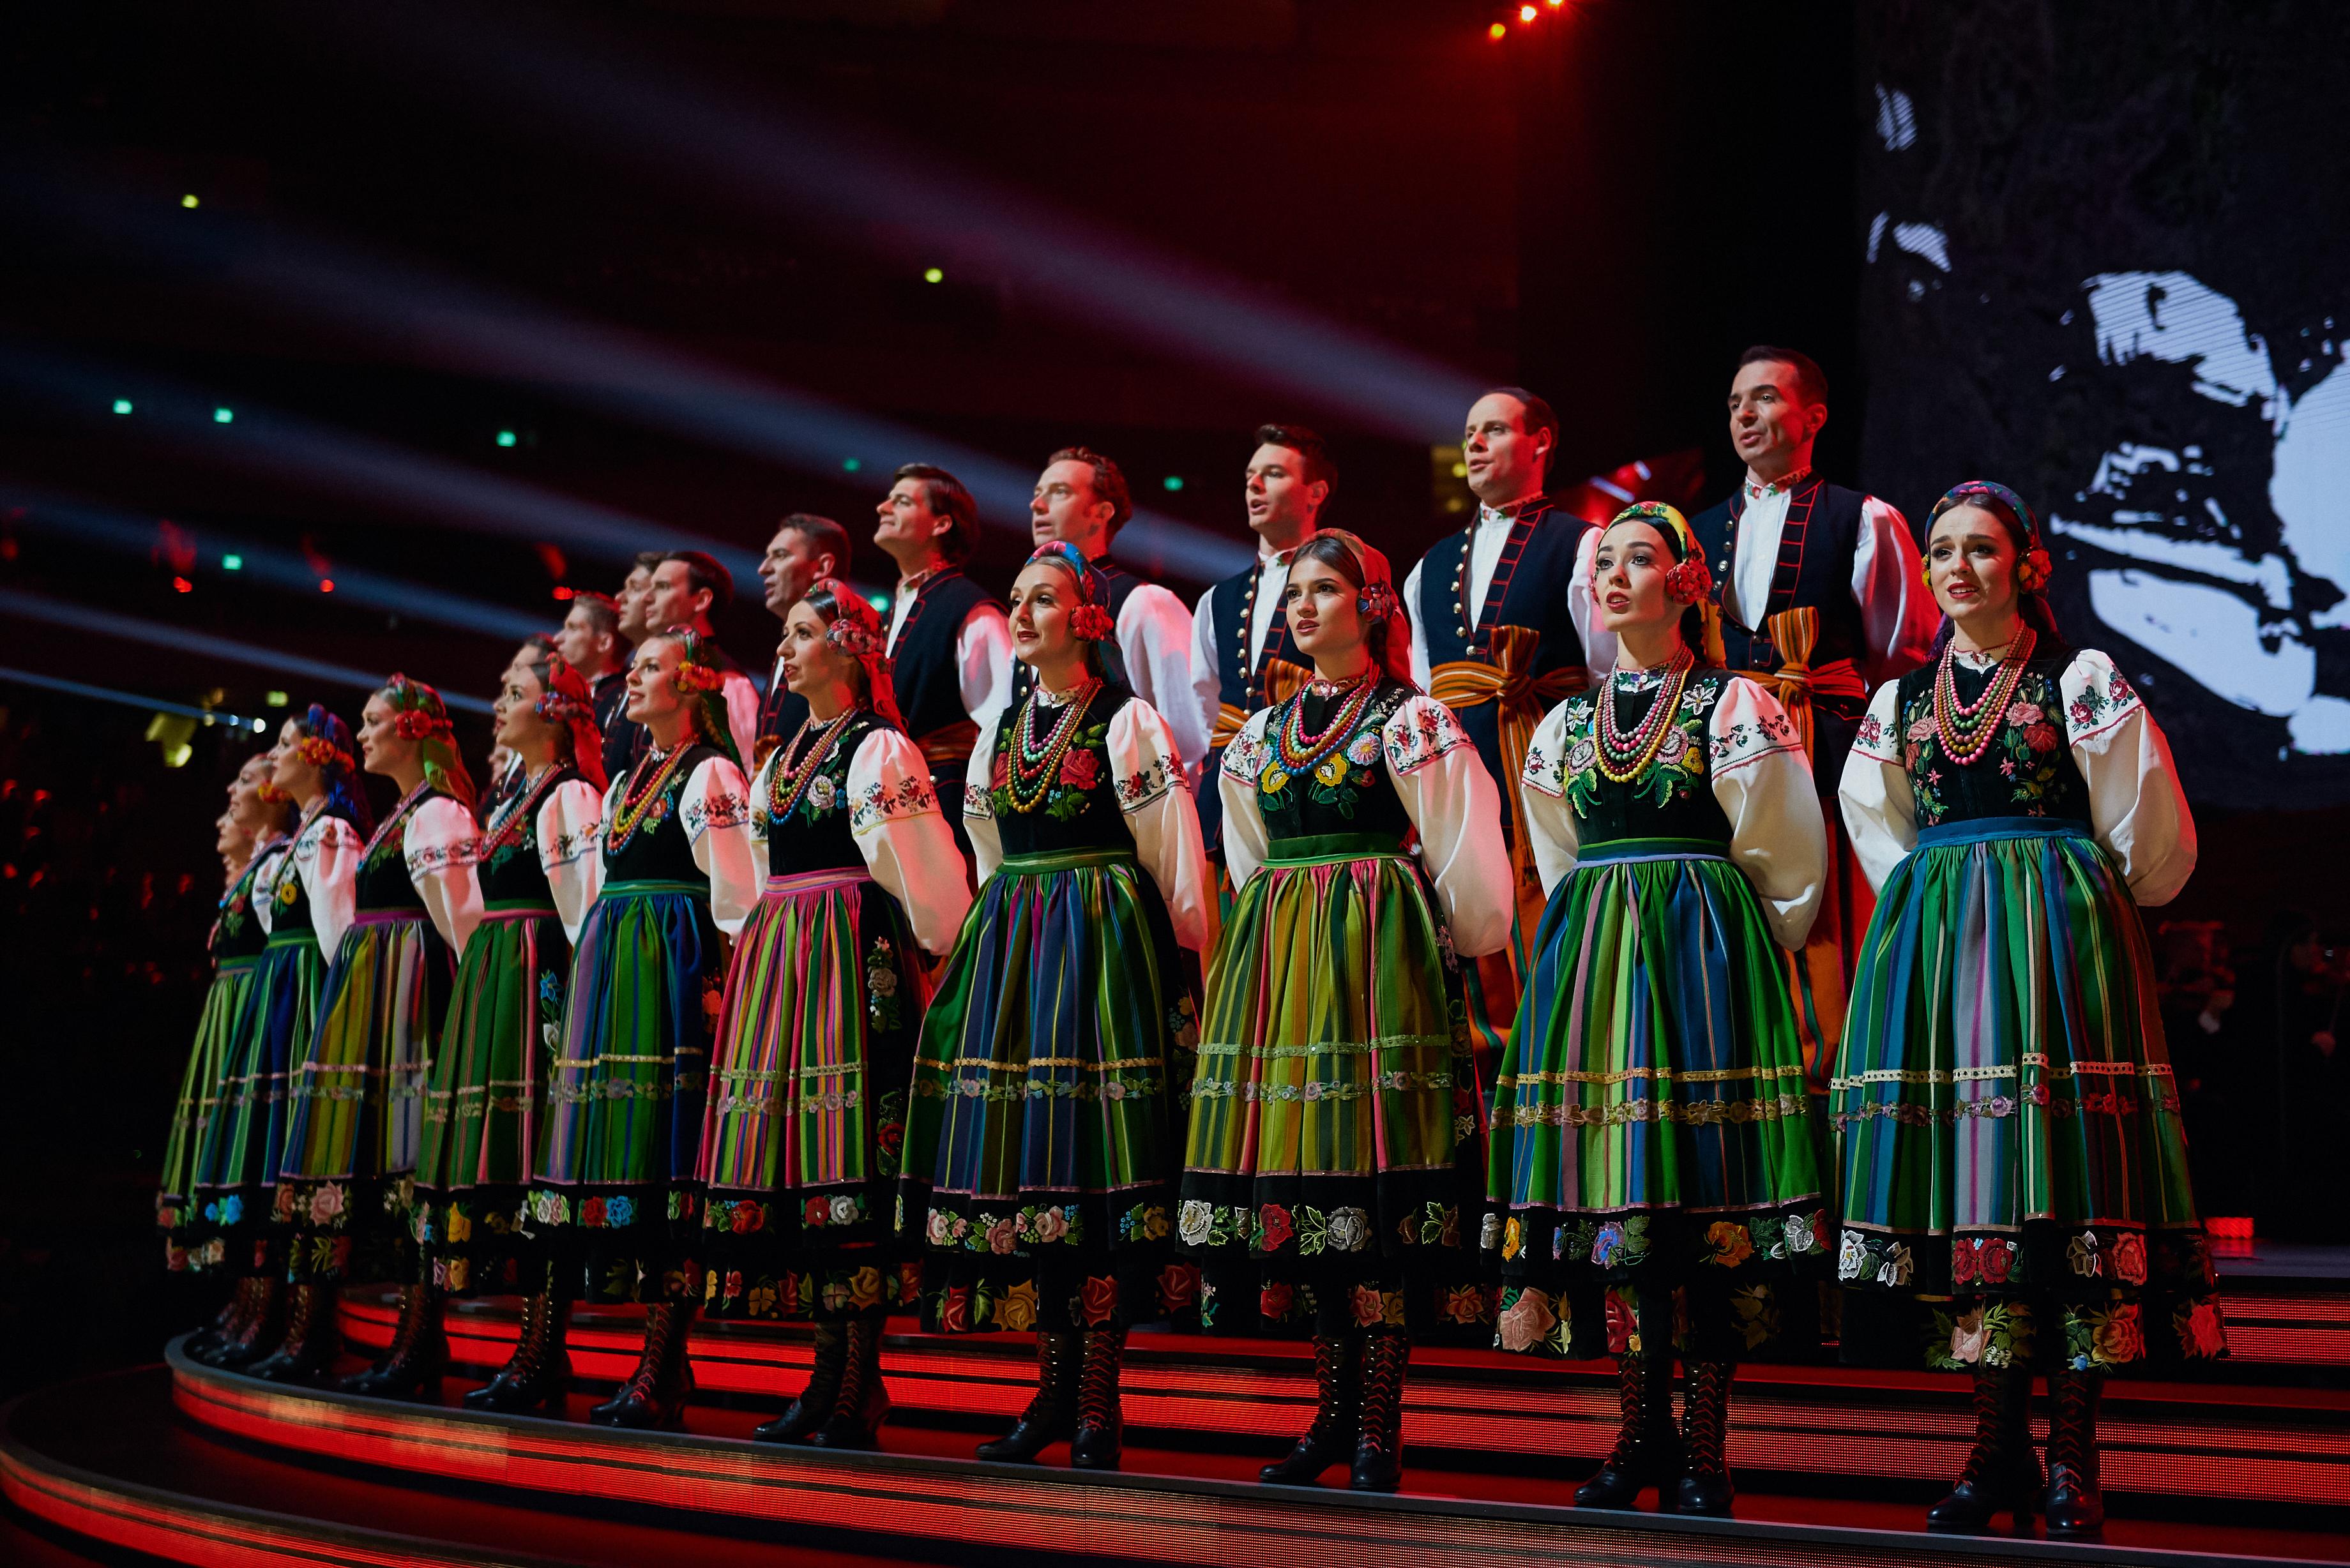 zespół Mazowsze w trakcie występu